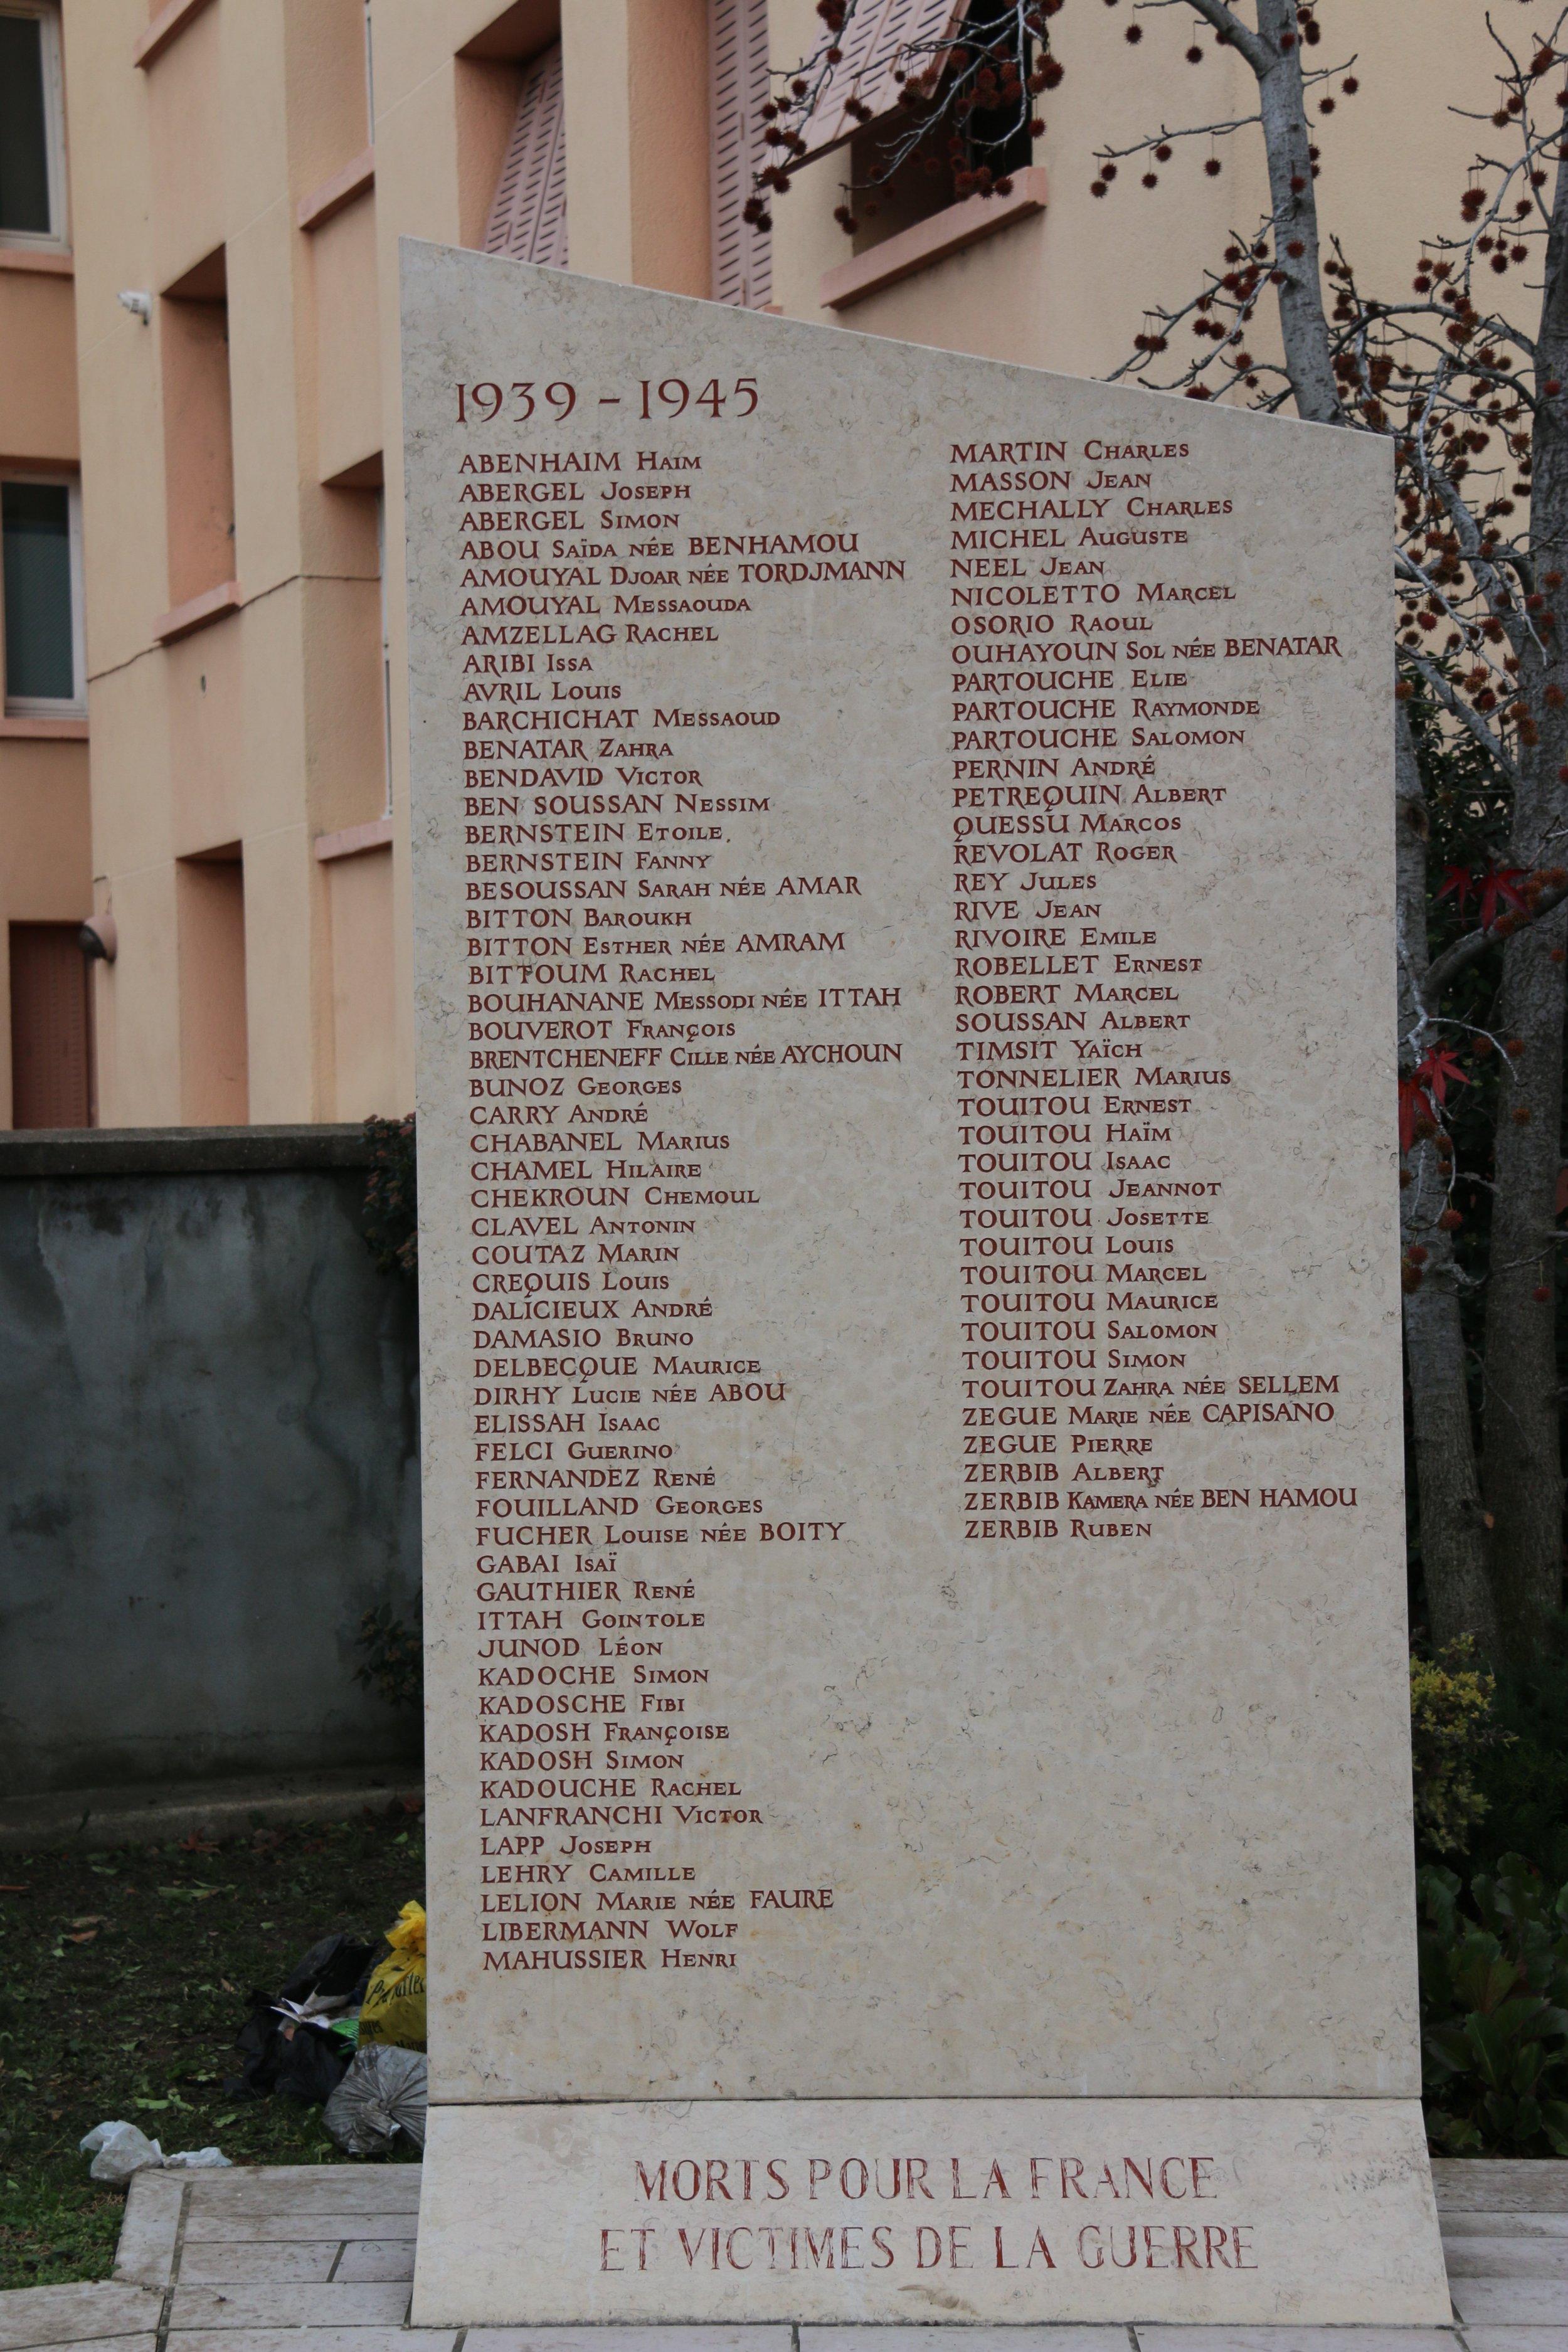 Fanny Bernstein Monument aux morts de Saint-Fons